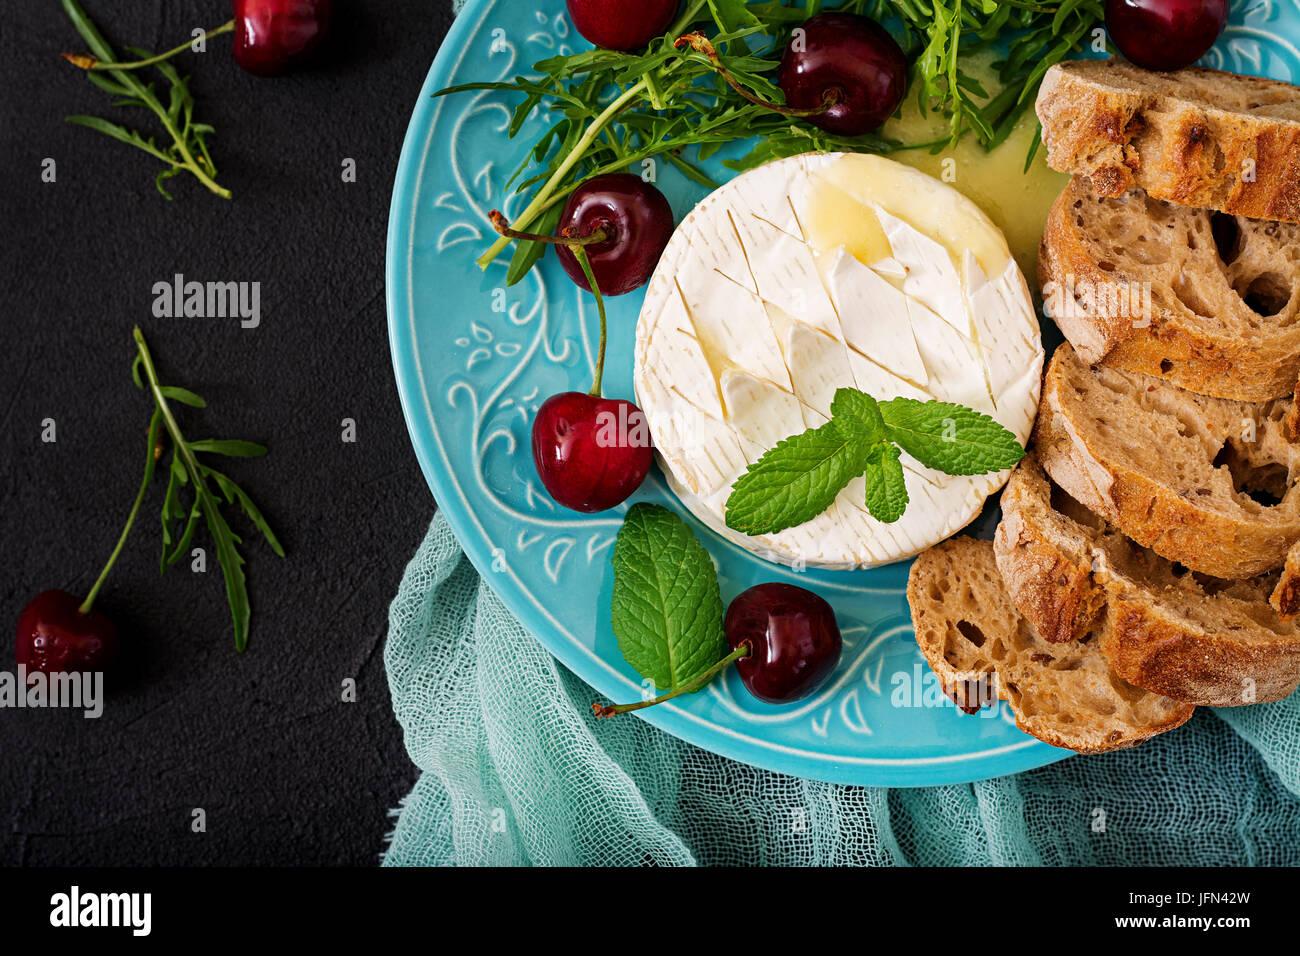 Camembert au four, grillé et salade de roquette avec la cerise douce. Mise à plat. Vue d'en haut Photo Stock